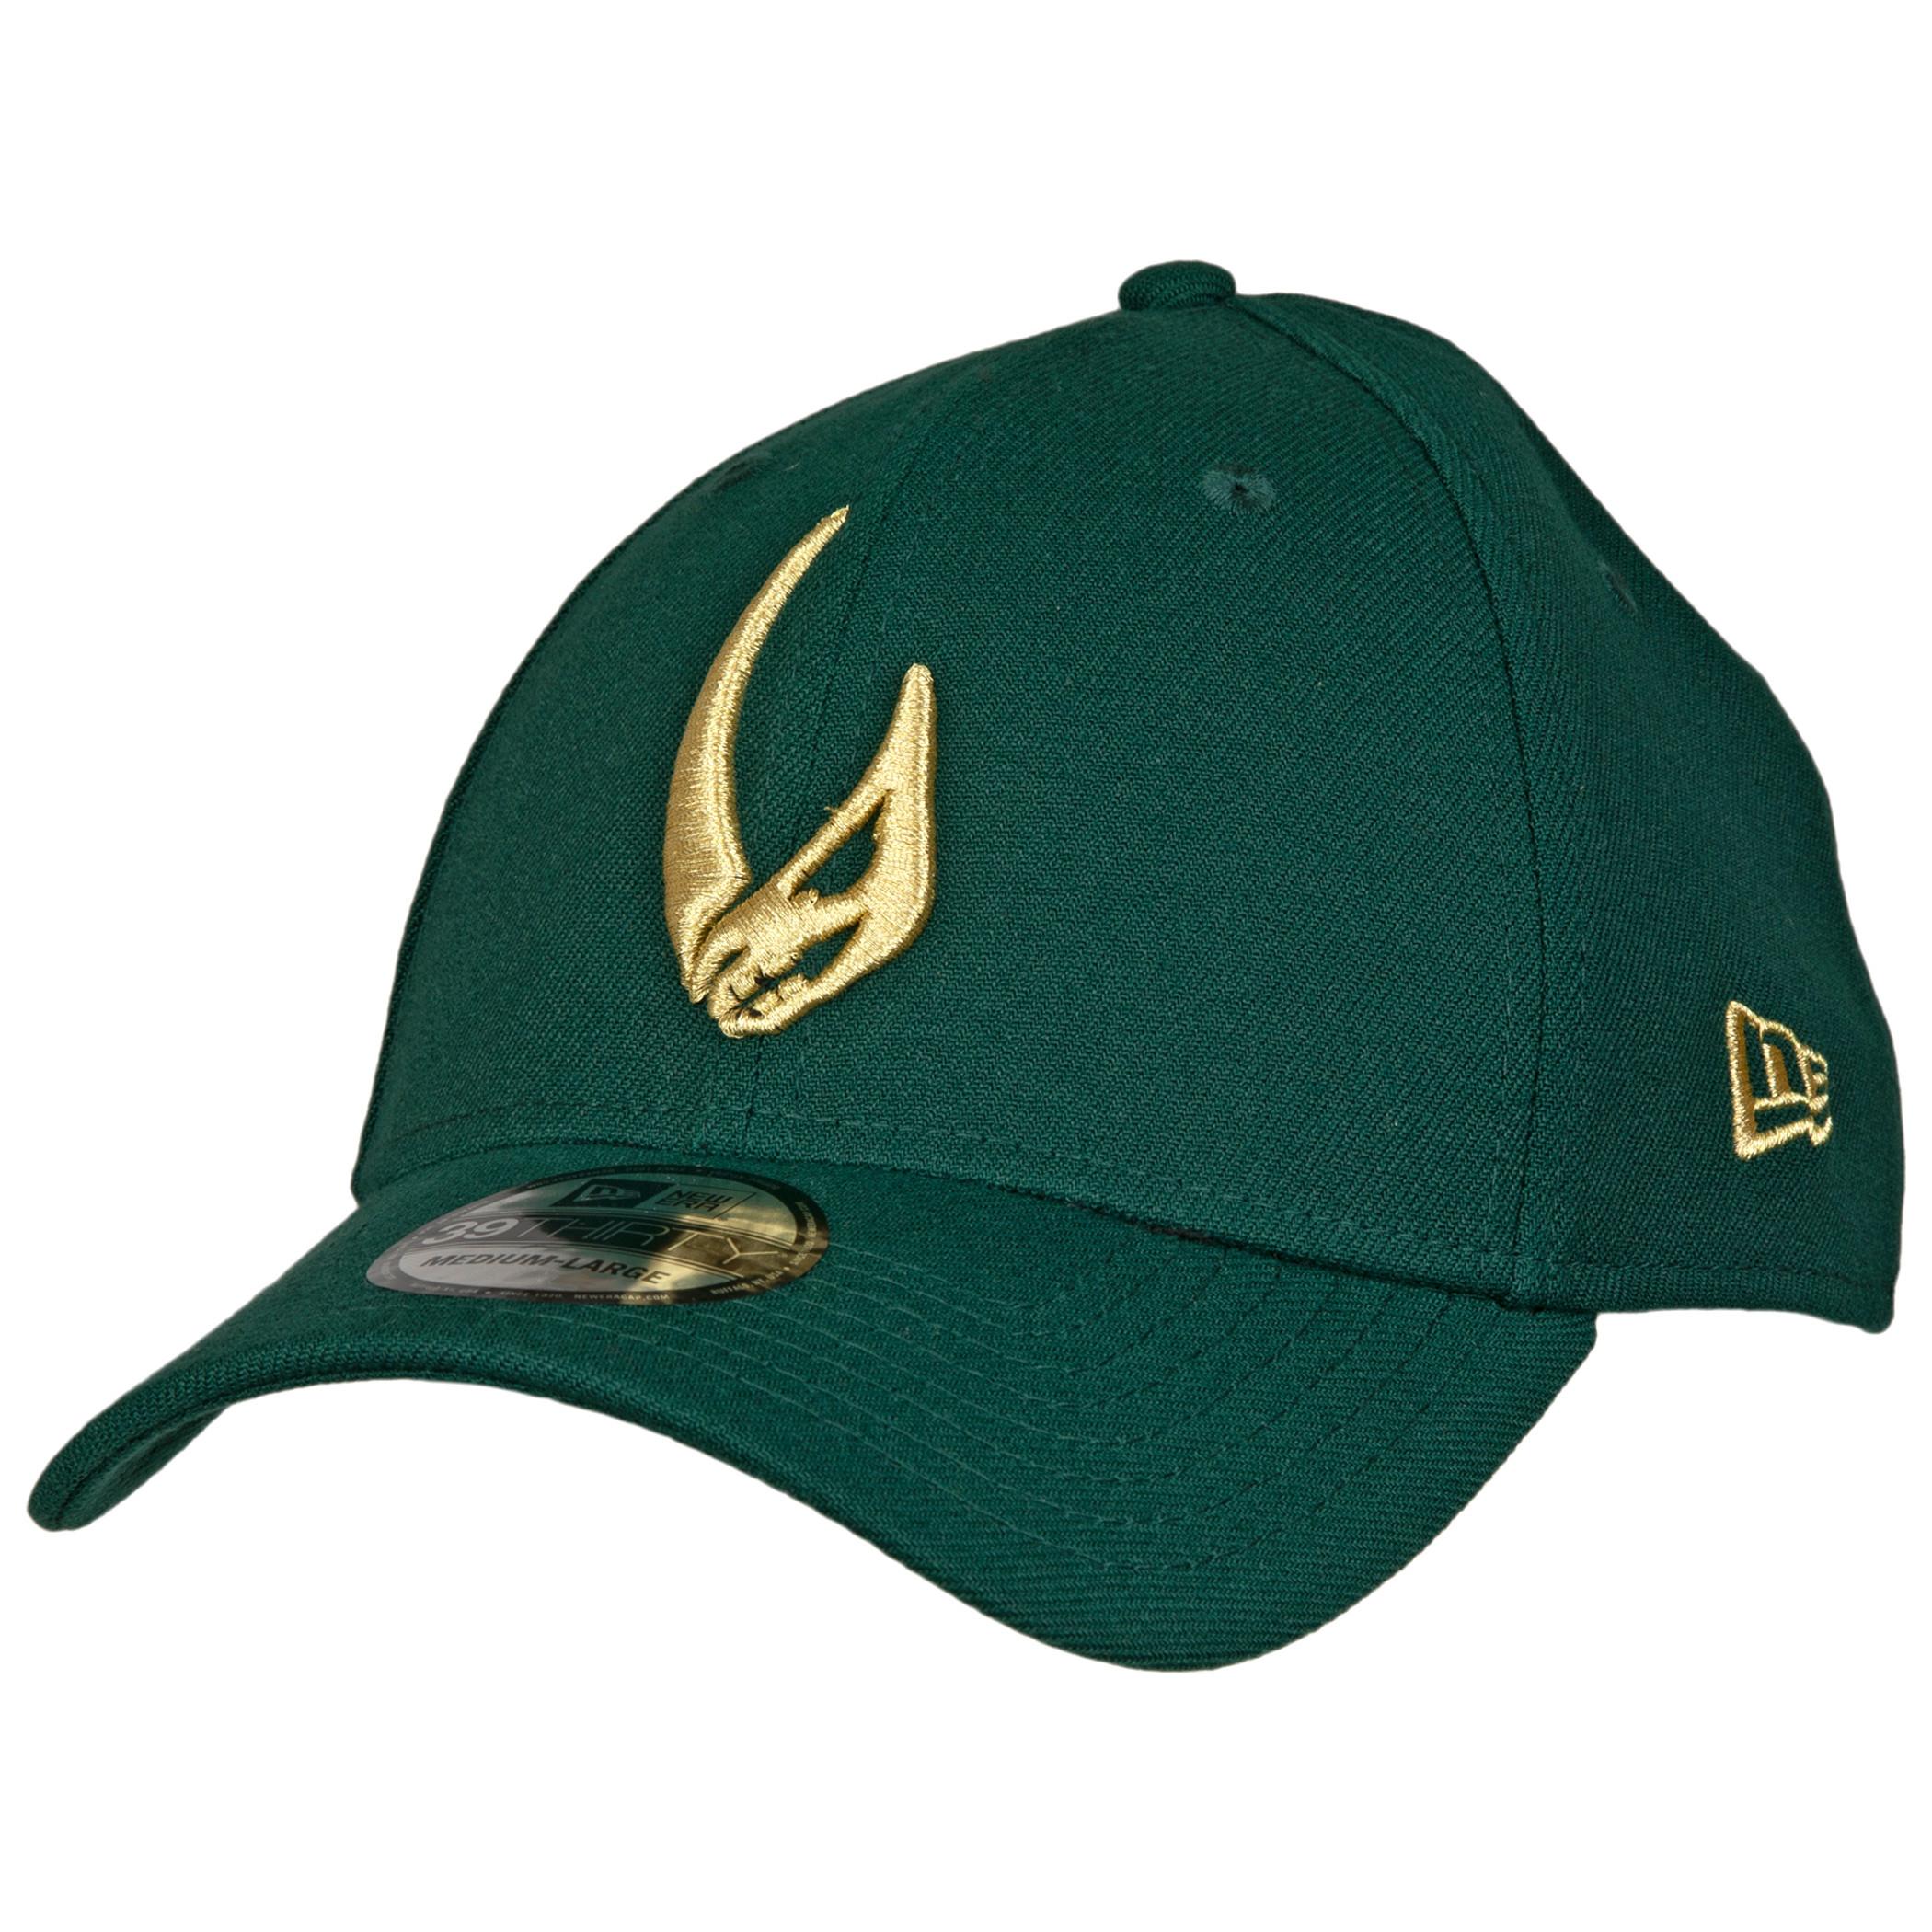 Star Wars Mandalorian Mudhorn Sigil Green New Era 39Thirty Flex Fitted Hat